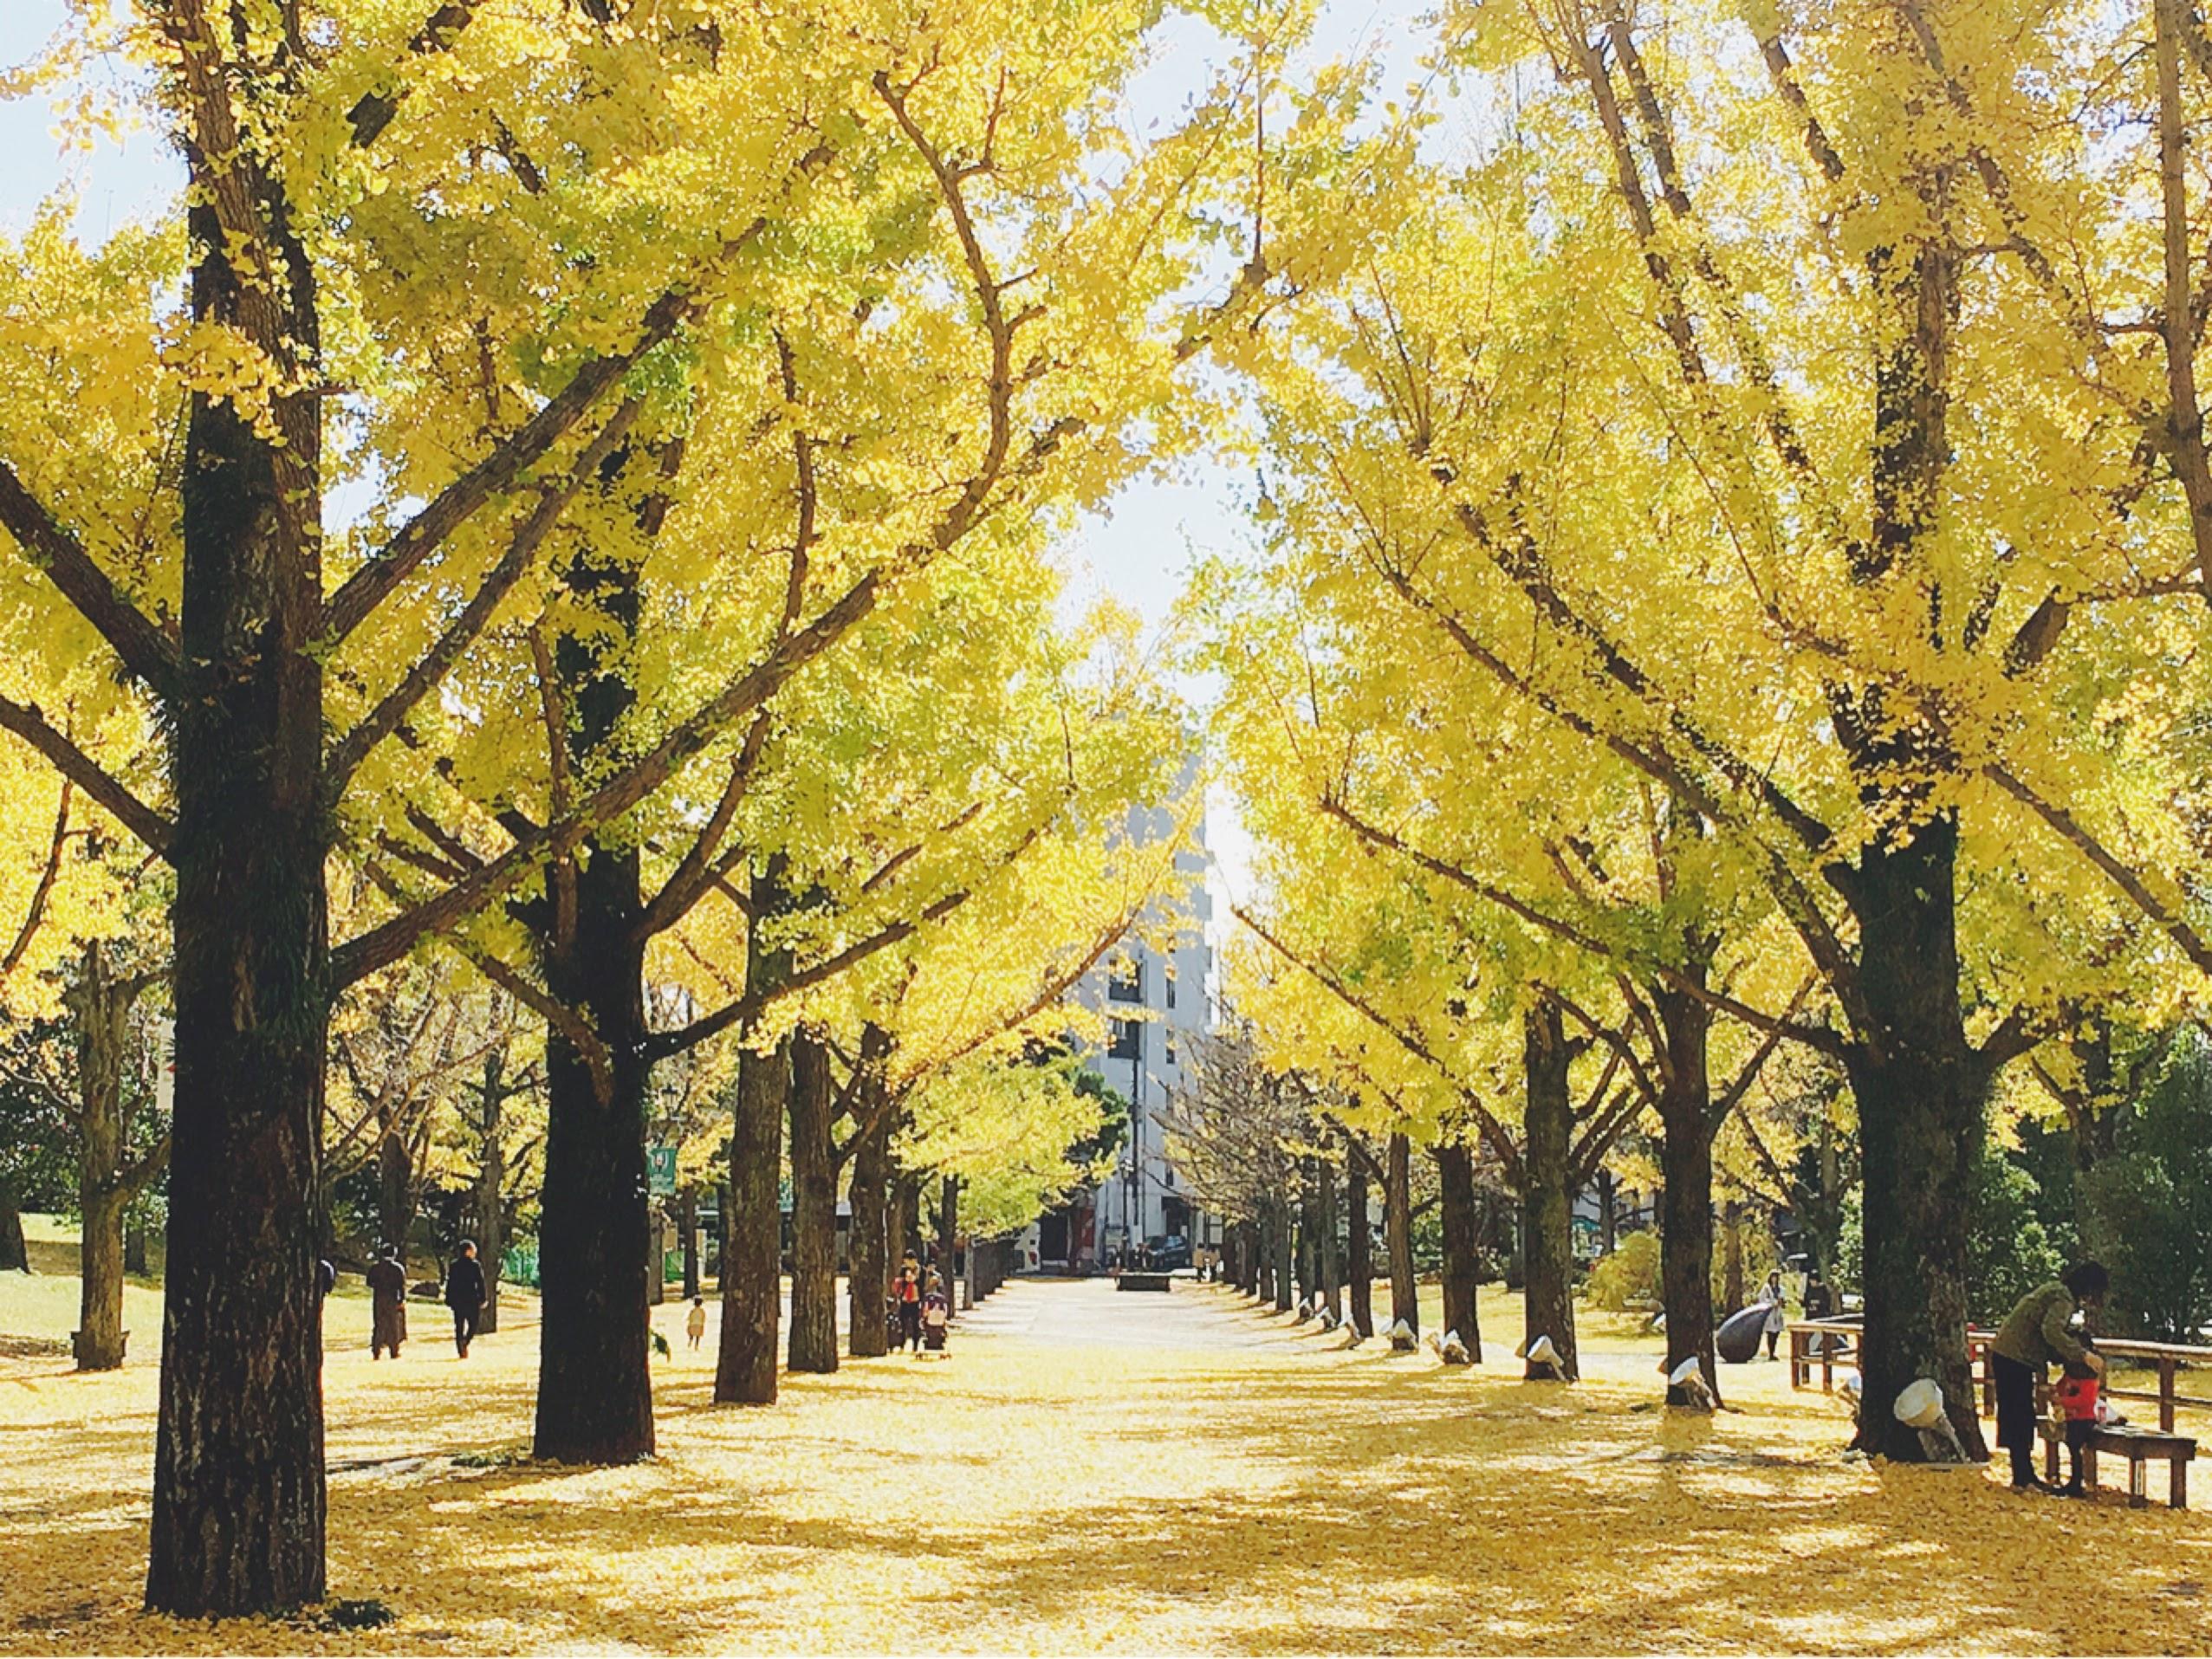 【熊本県庁】イチョウ並木のライトアップが見ごろです!【11/30まで】